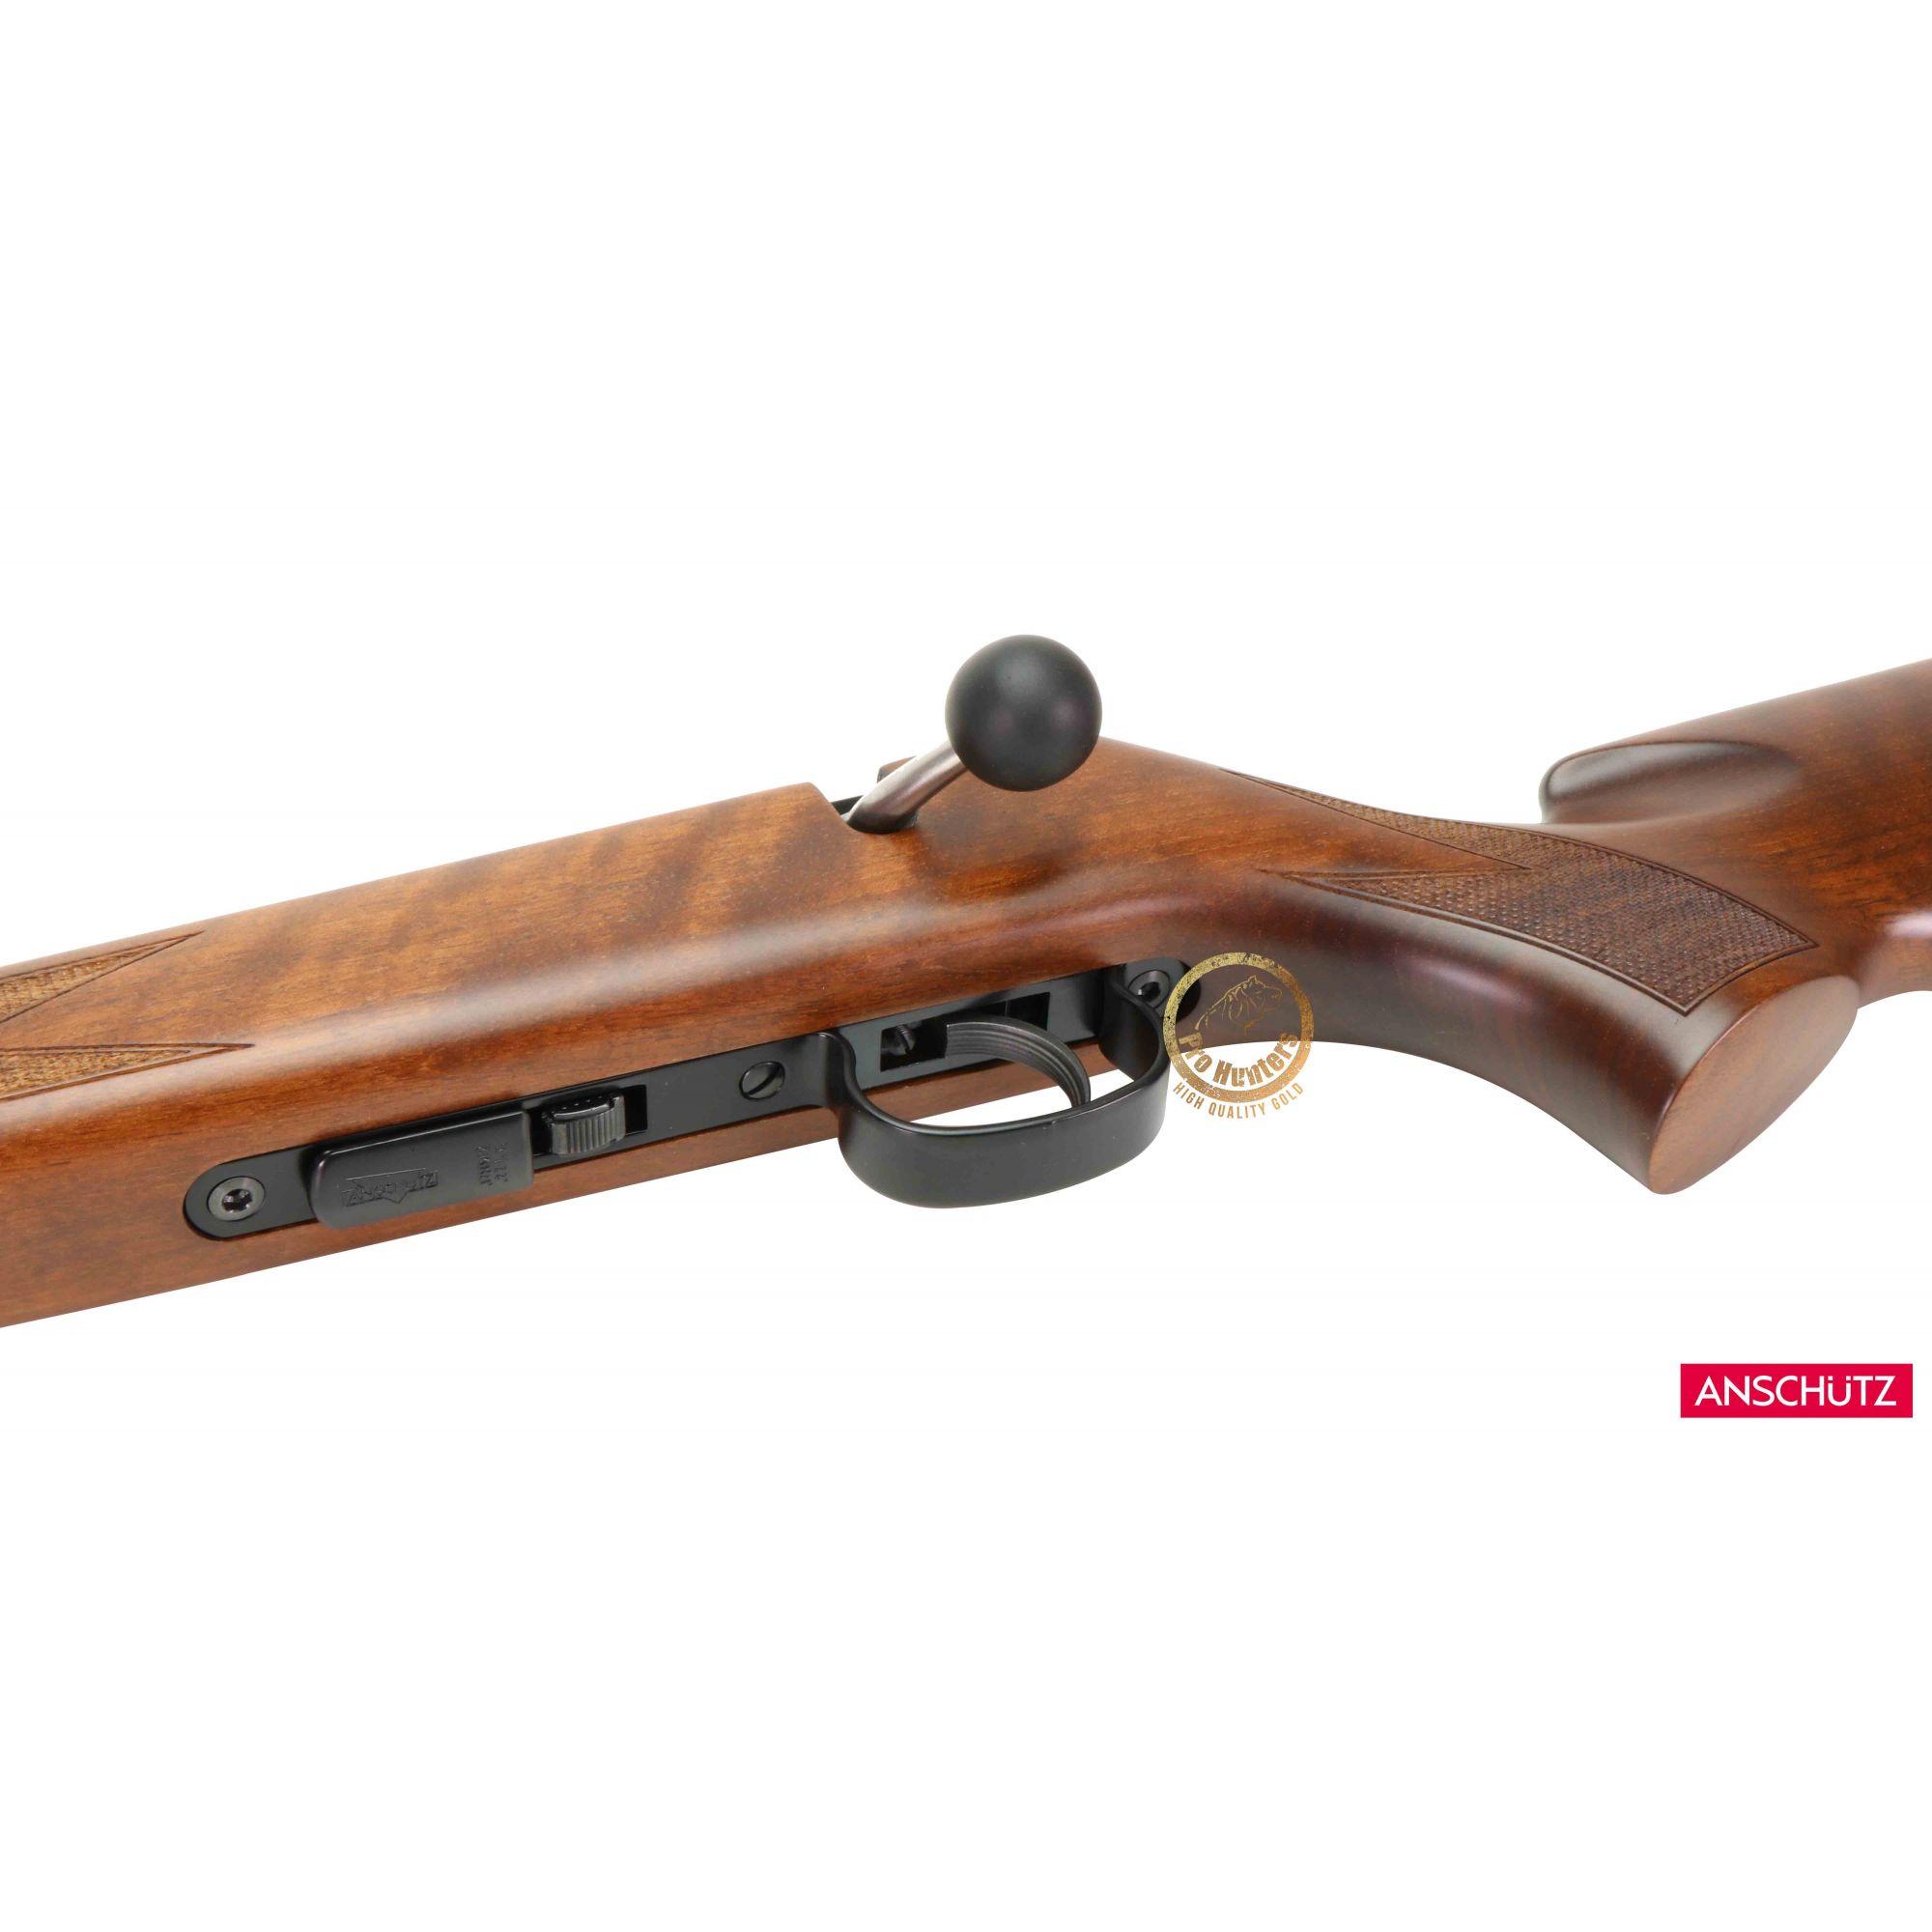 Anschutz - 1416L(canhoto) D HB Classic - Calibre .22 LR